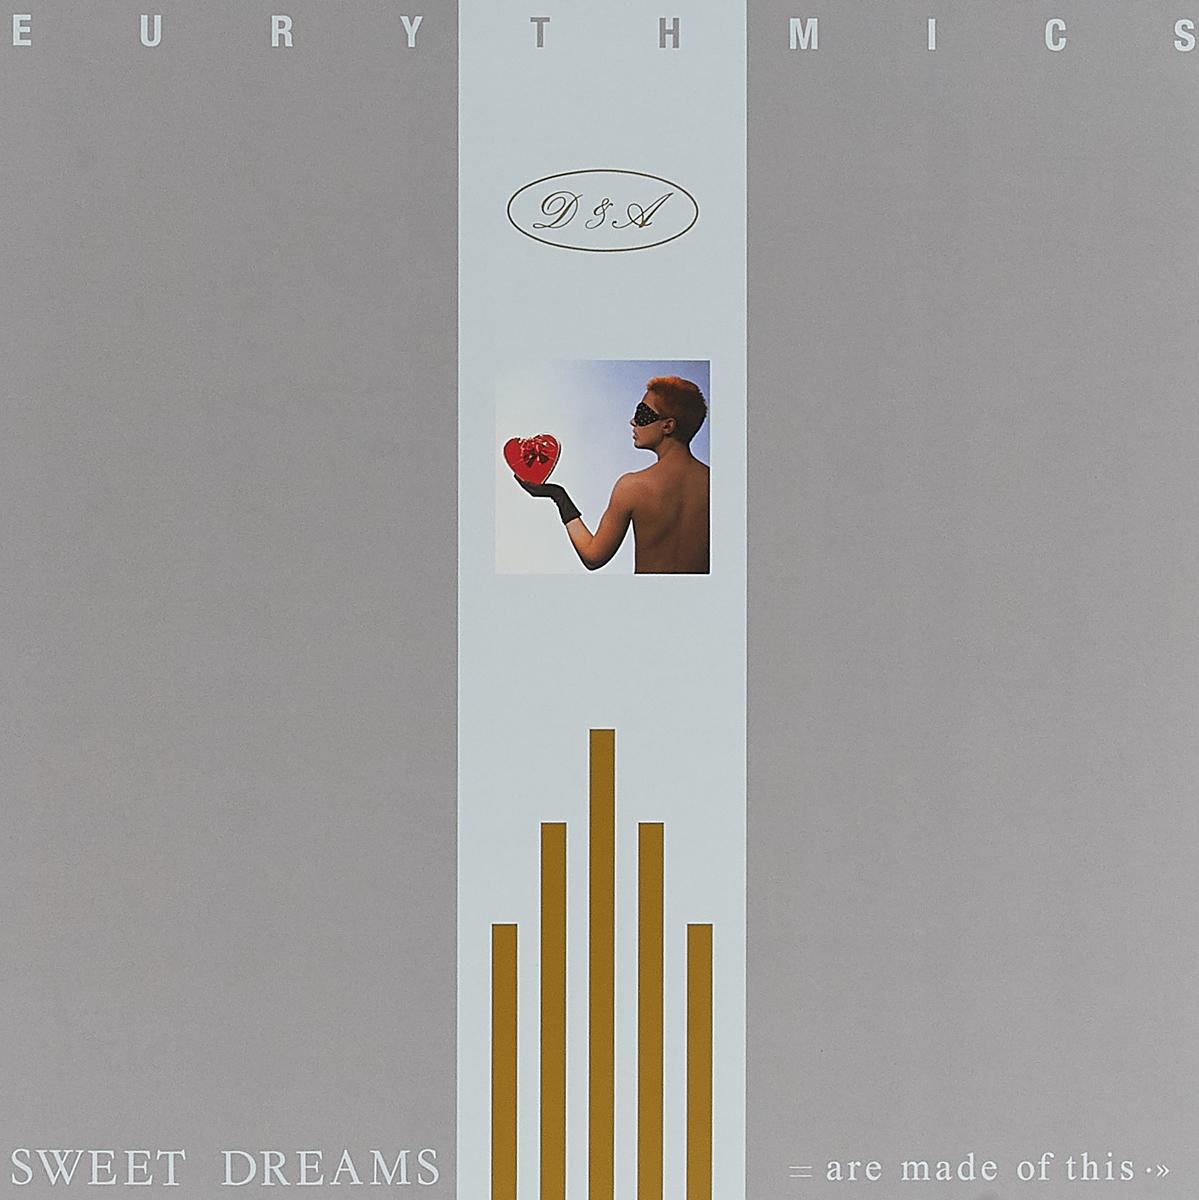 Фото - Eurythmics Eurythmics. Sweet Dreams (Are Made Of This) (LP) eurythmics eurythmics greatest hits 2 lp